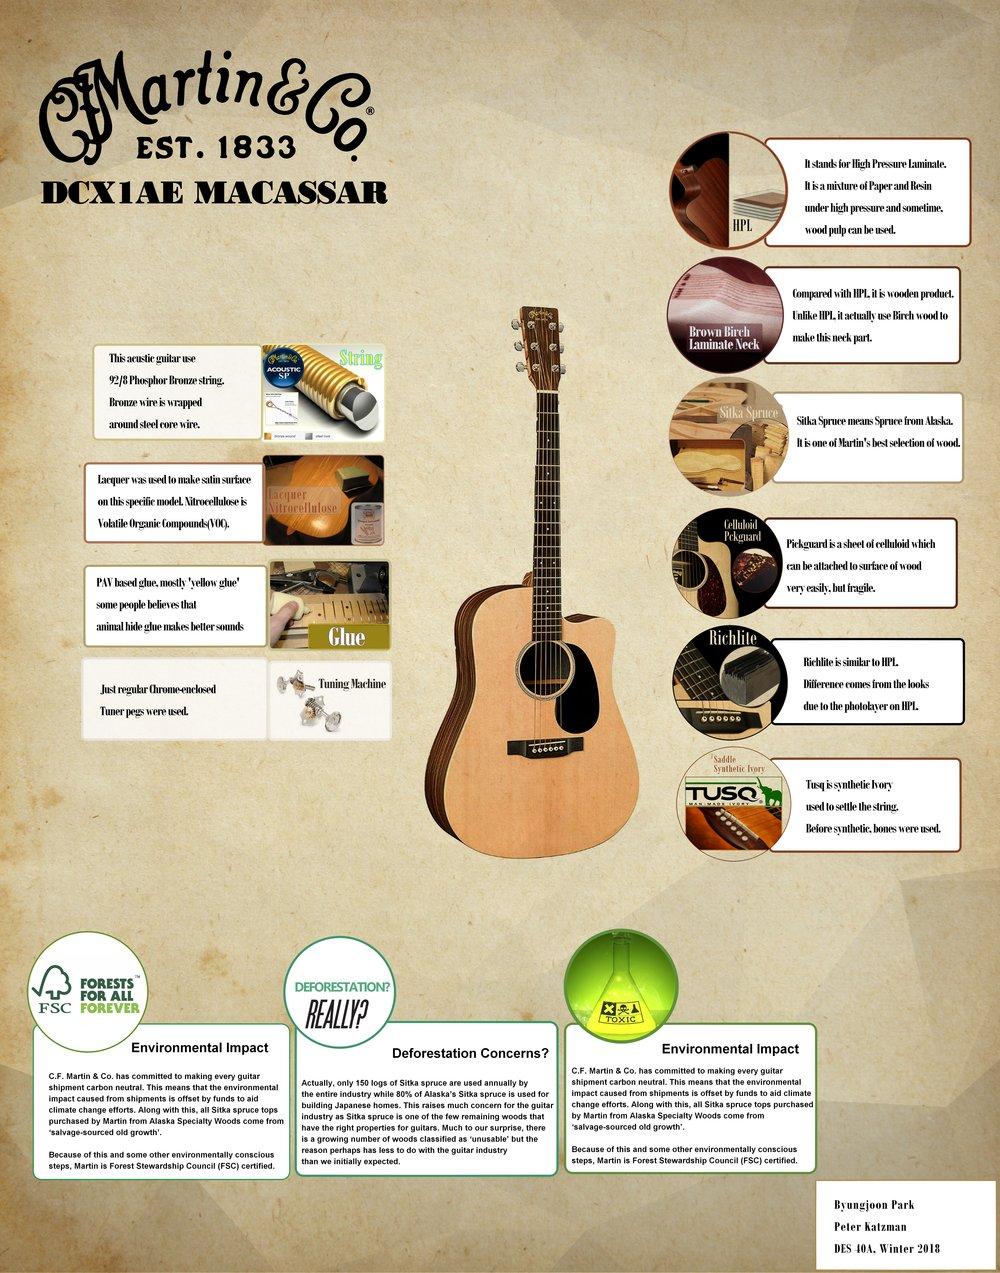 Martin_DCX1AE_macassar_Poster.jpeg